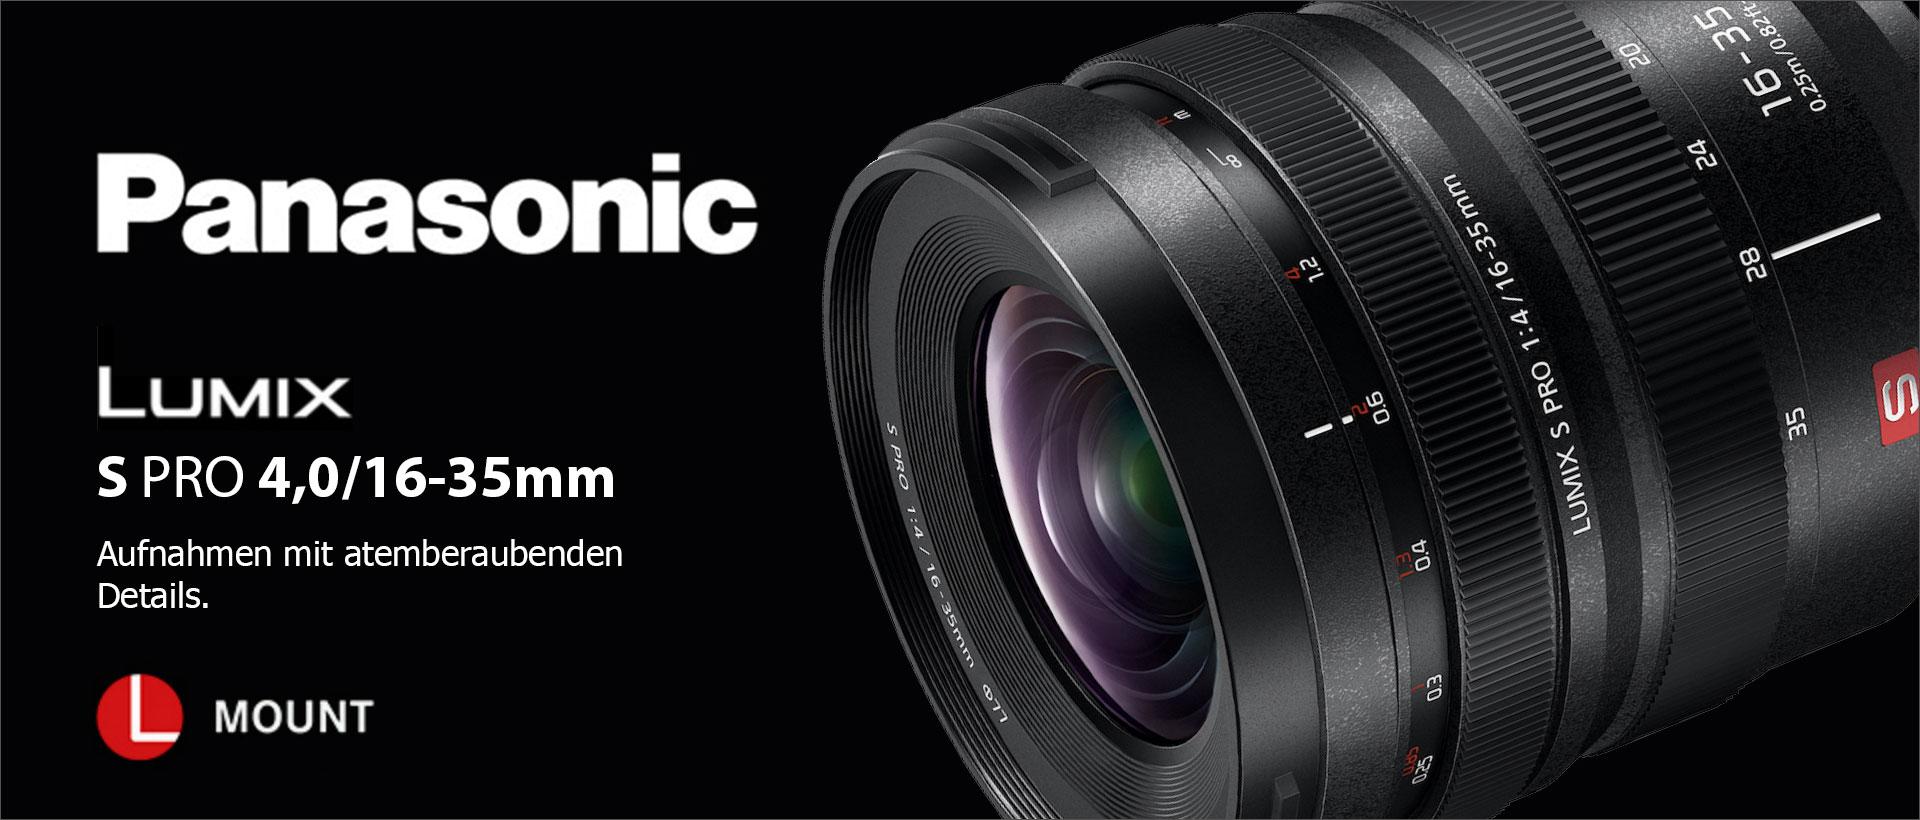 Panasonic Lumix S Pro 4,0/16-35mm